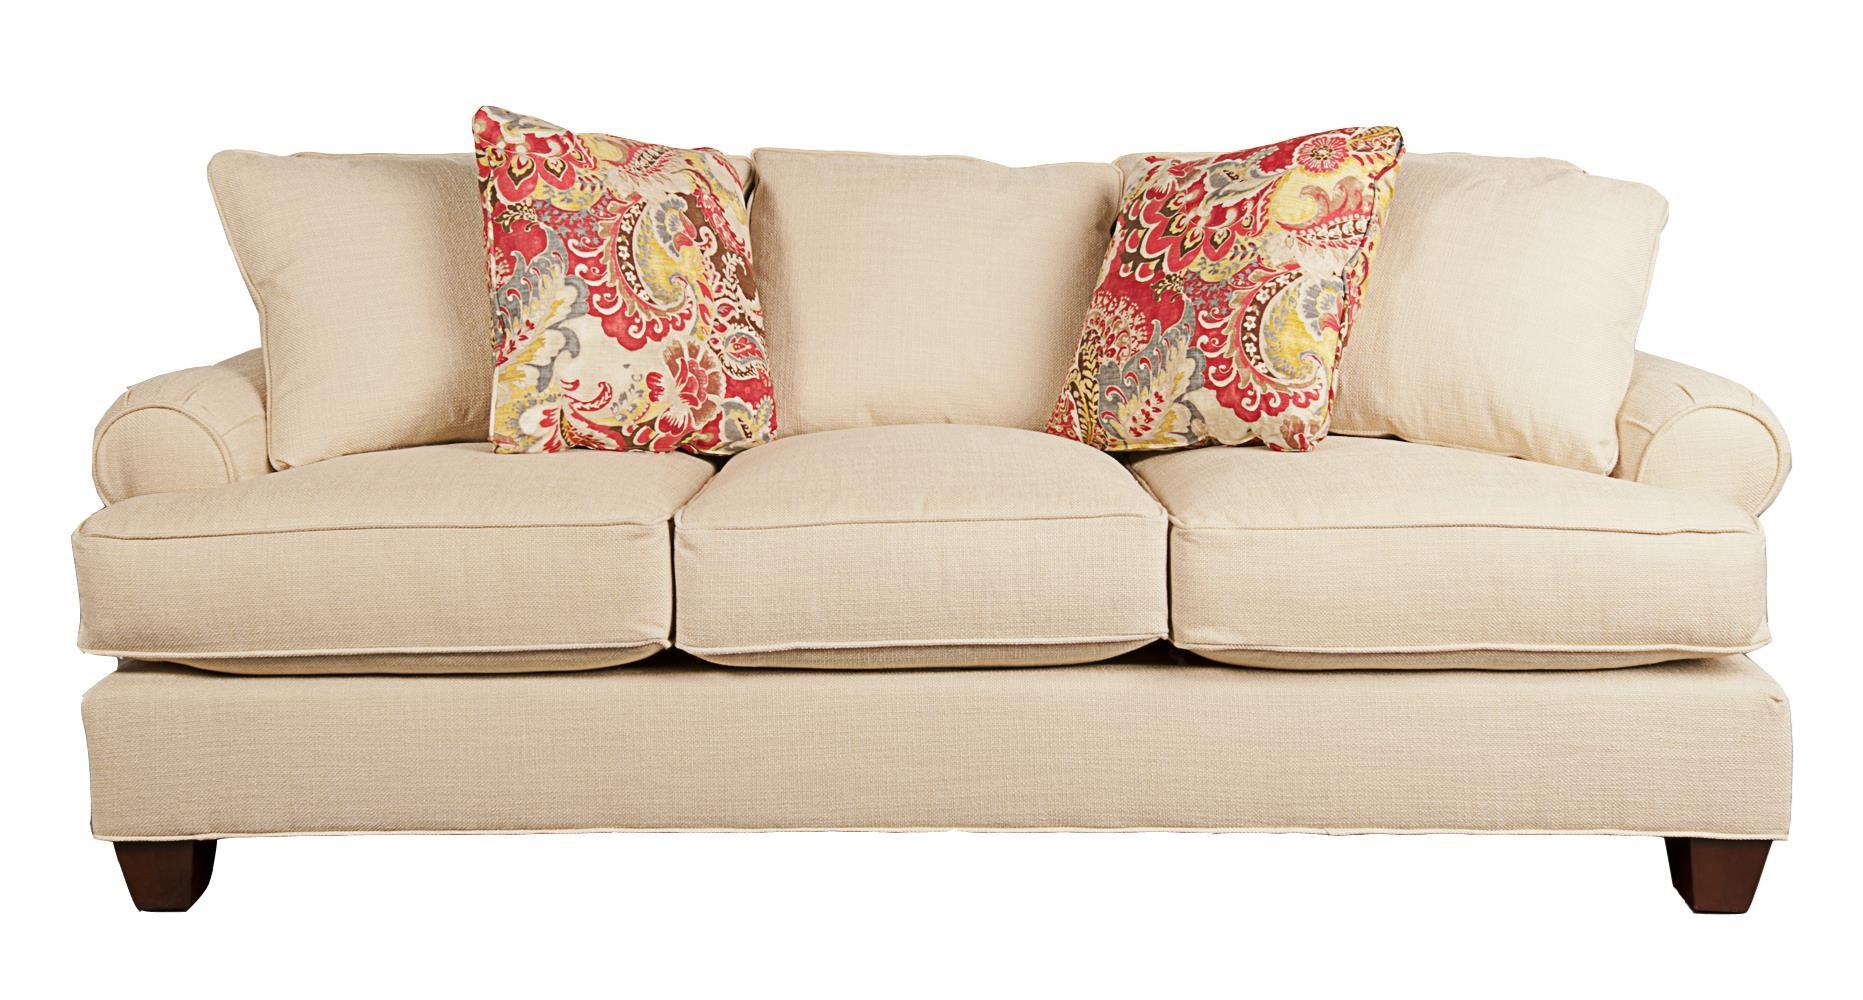 Main & Madison Belle Belle Sofa - Item Number: 891823652